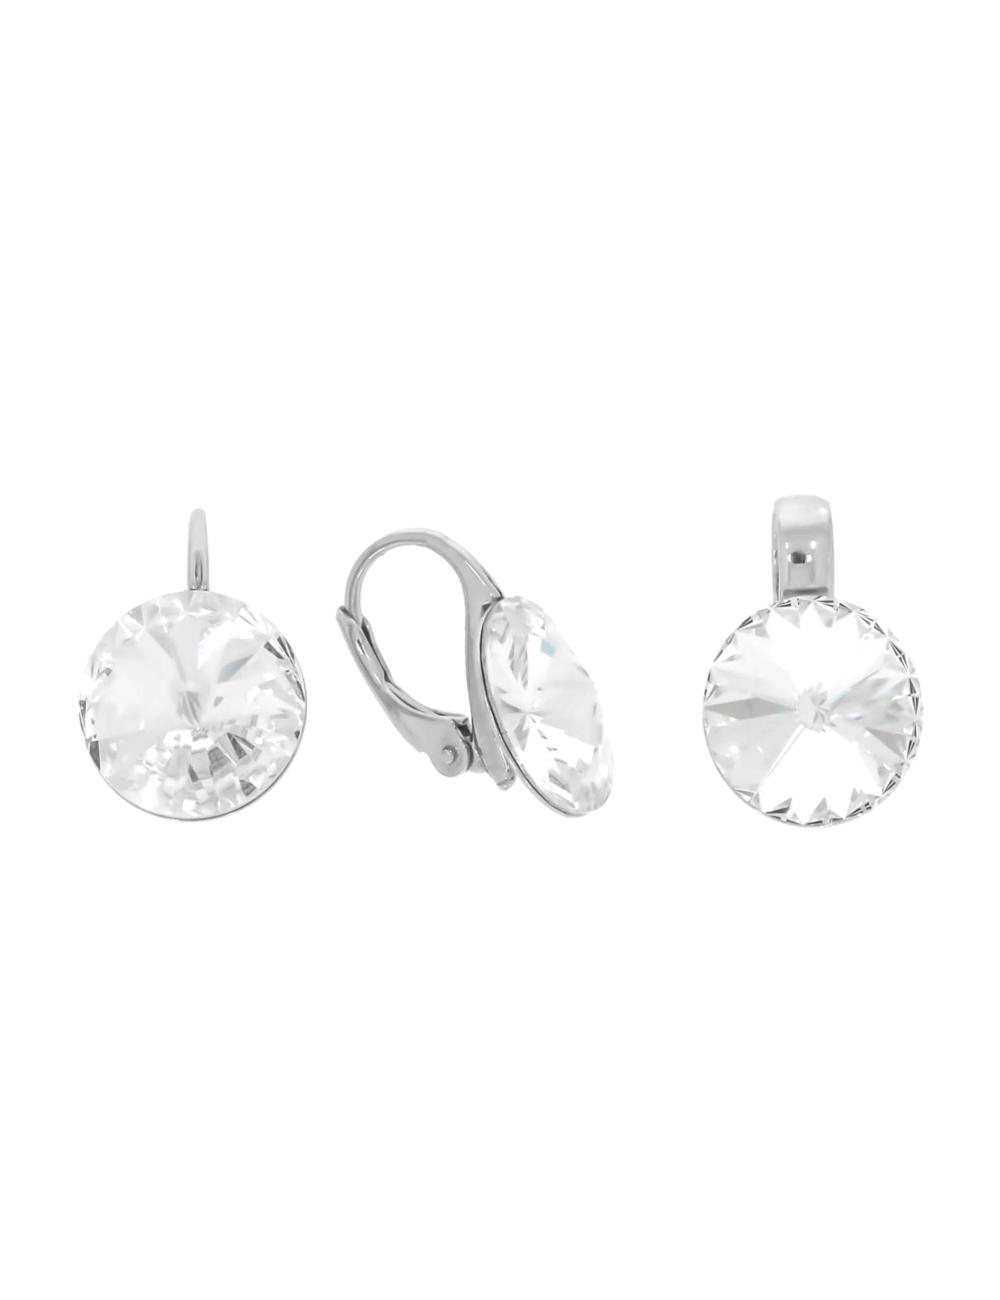 10003510 Komplet srebrny pr.925 z kryształami